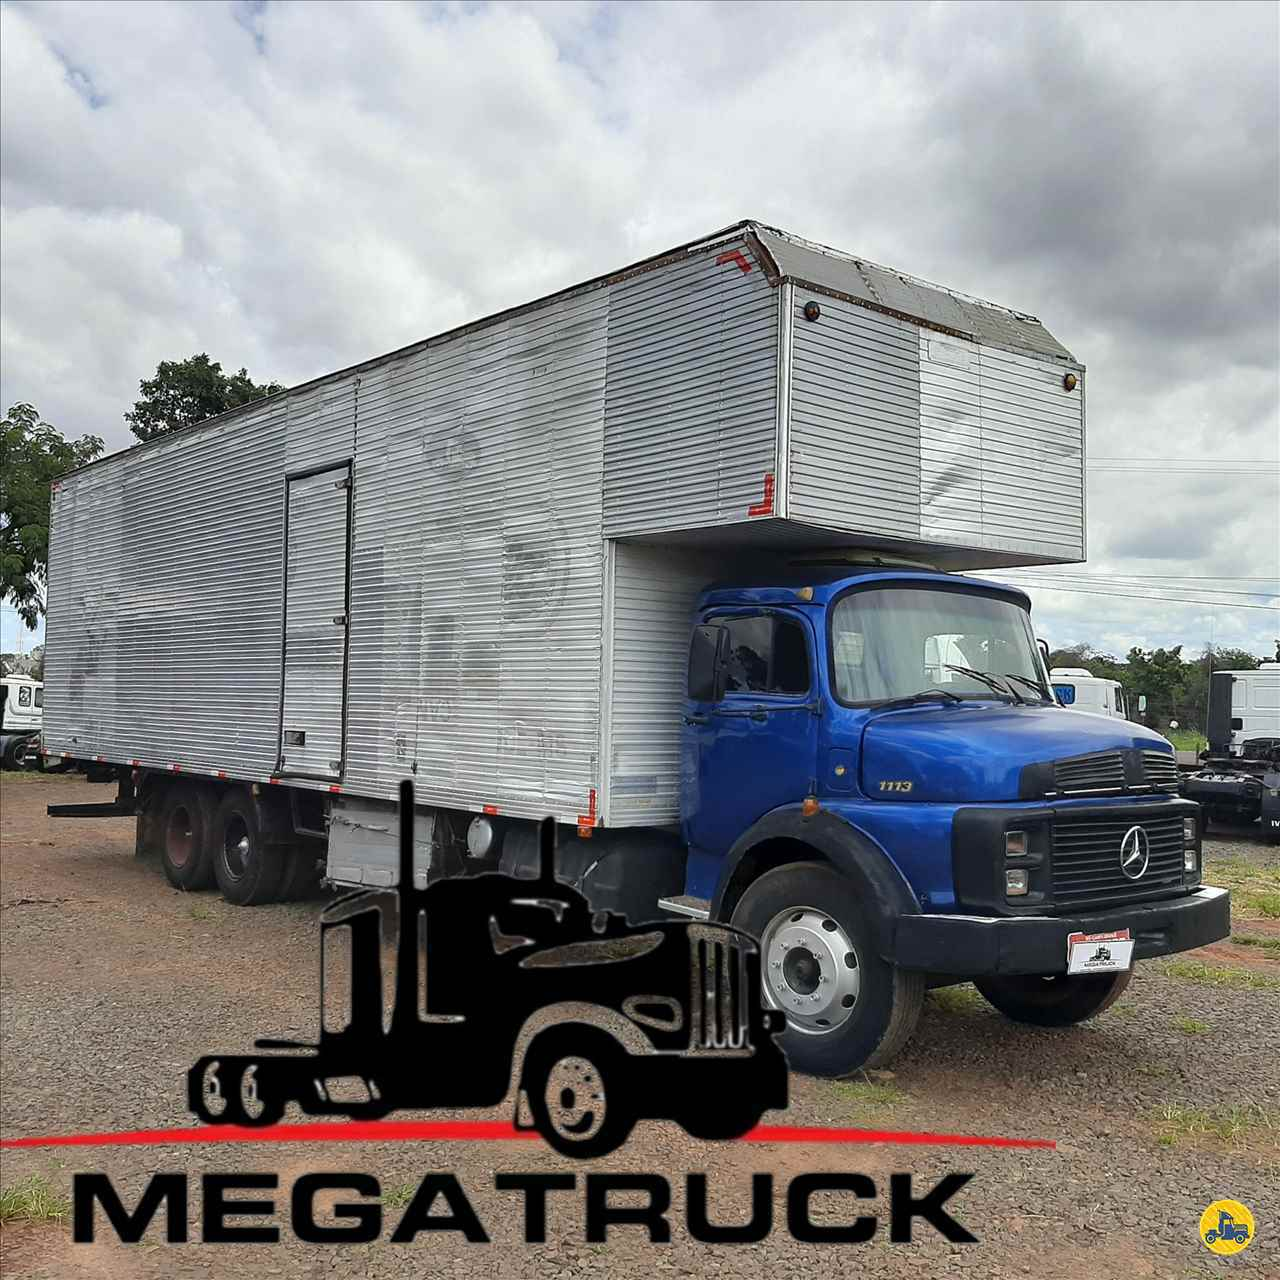 CAMINHAO MERCEDES-BENZ MB 1113 Baú Furgão Truck 6x2 Megatruck Caminhões e Máquinas CAMPO GRANDE MATO GROSSO DO SUL MS